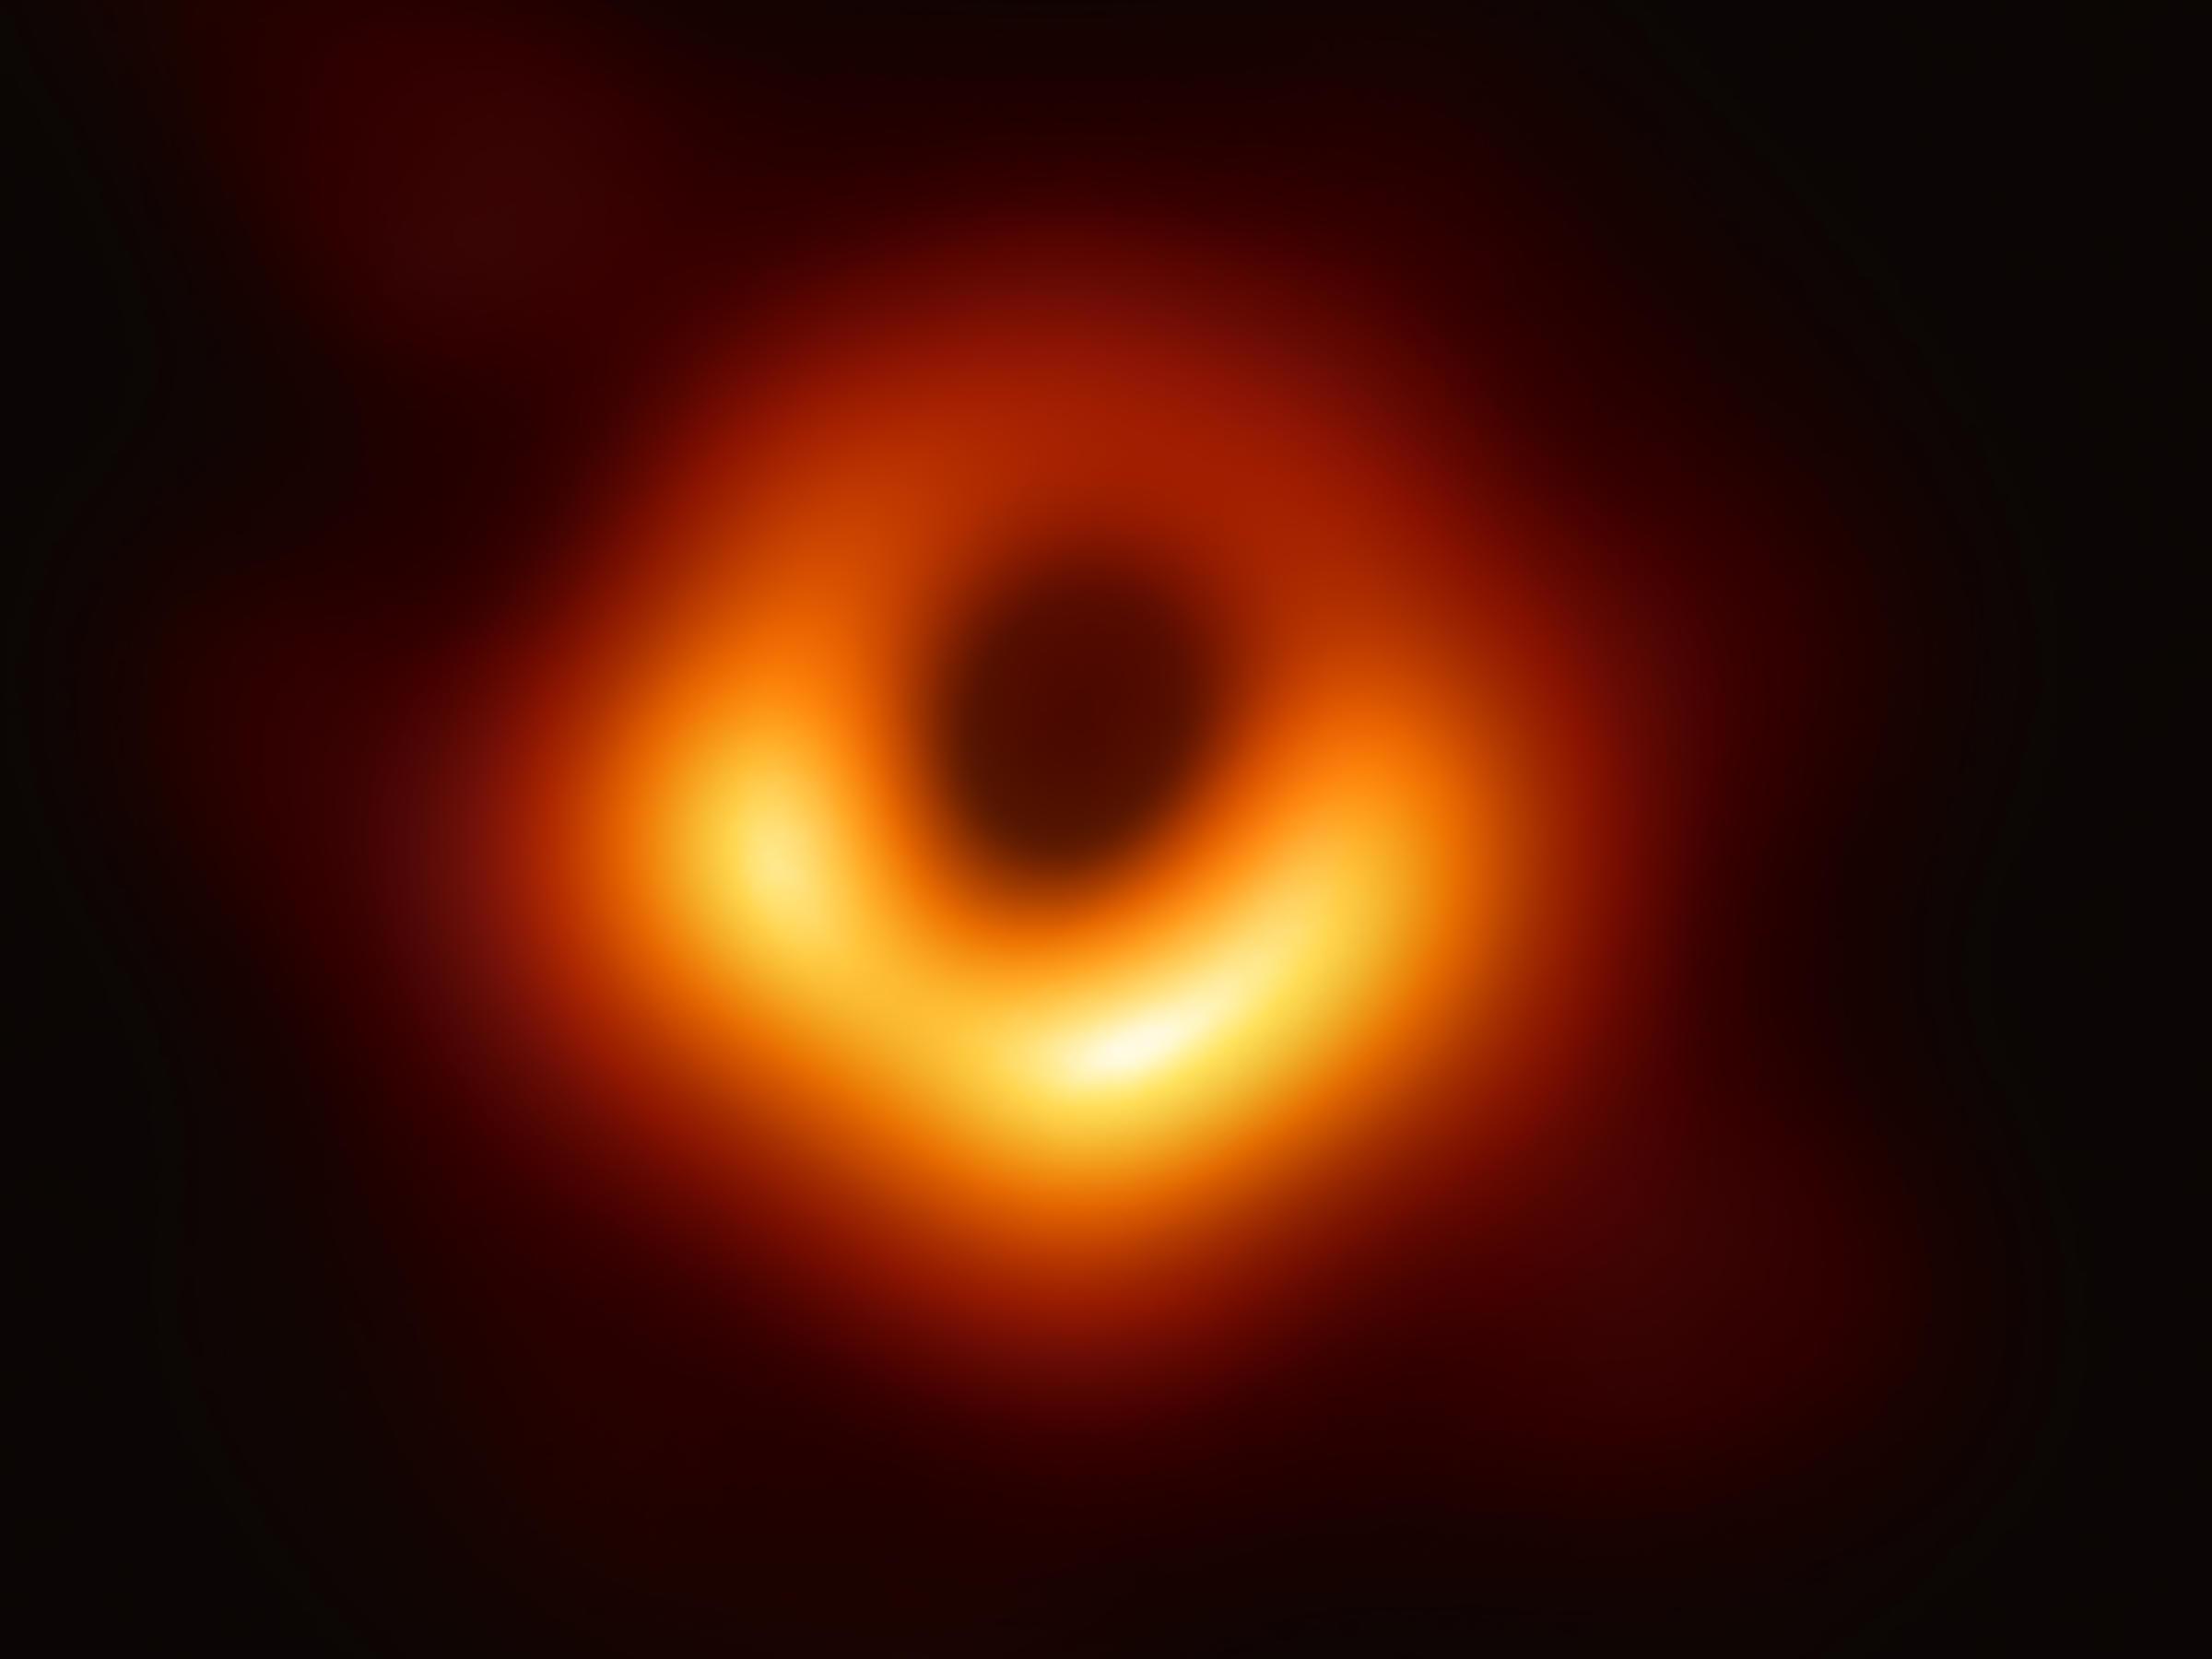 black hole এর ছবির ফলাফল